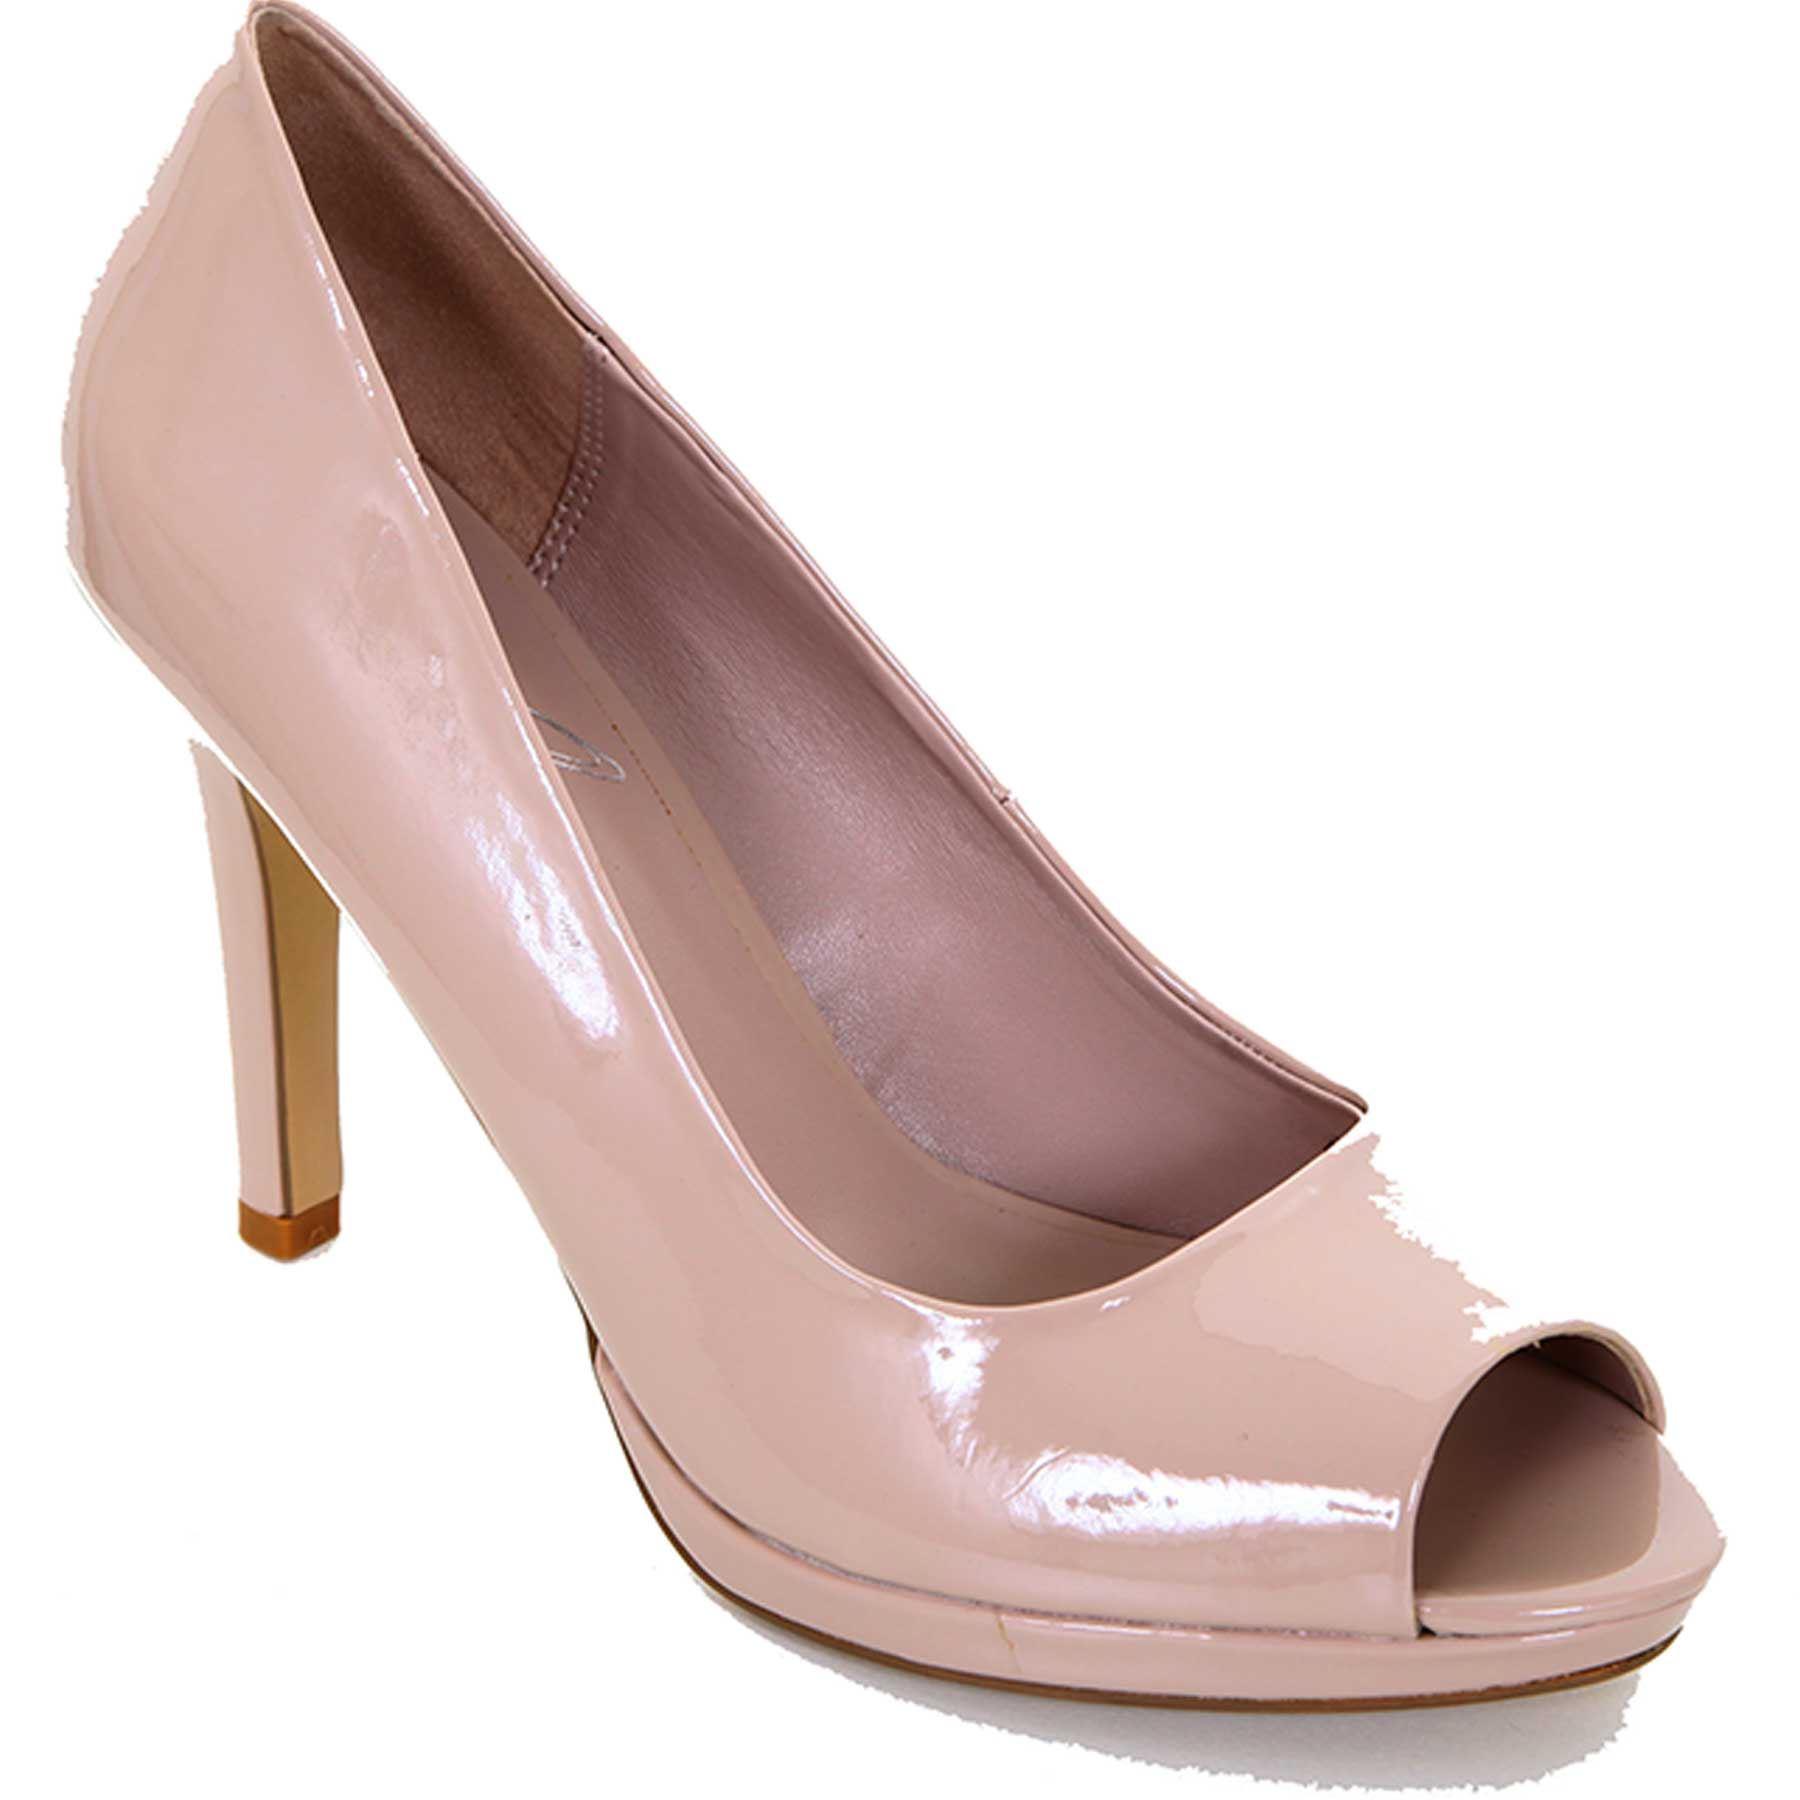 Damen Schwarz Hautfarben Lackleder Zehenfrei Schuhe Lässig Elegant Stilettos Schuhe Zehenfrei c813c0